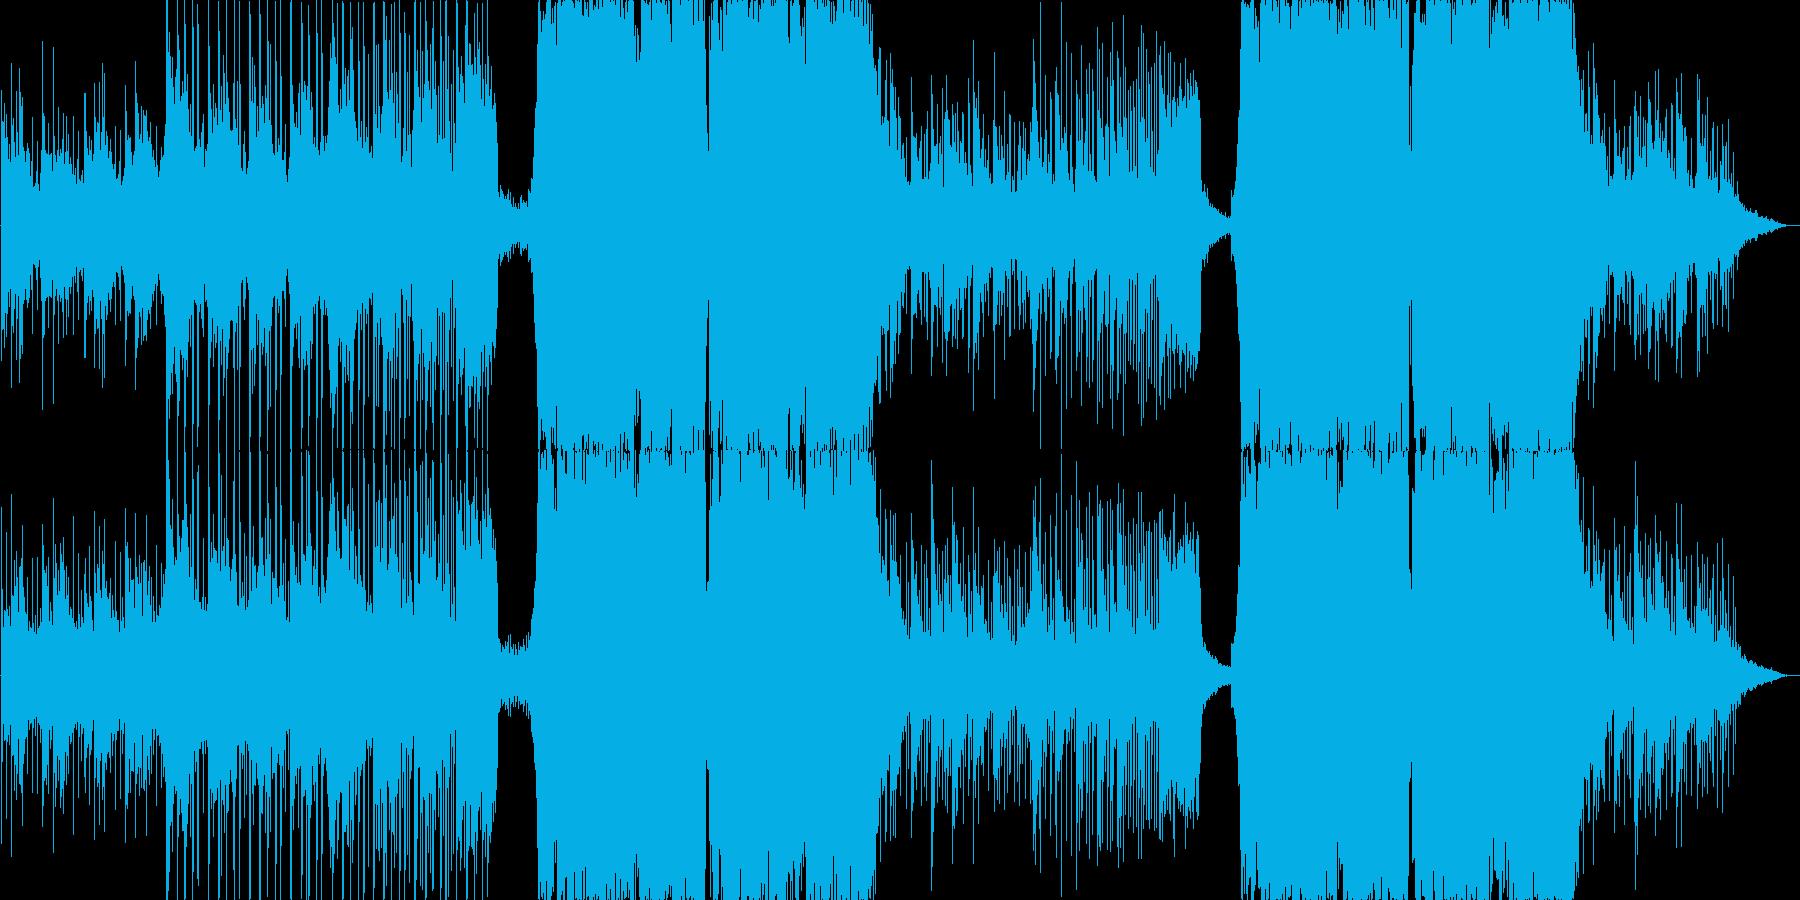 静と動 / Liquid Dubstepの再生済みの波形